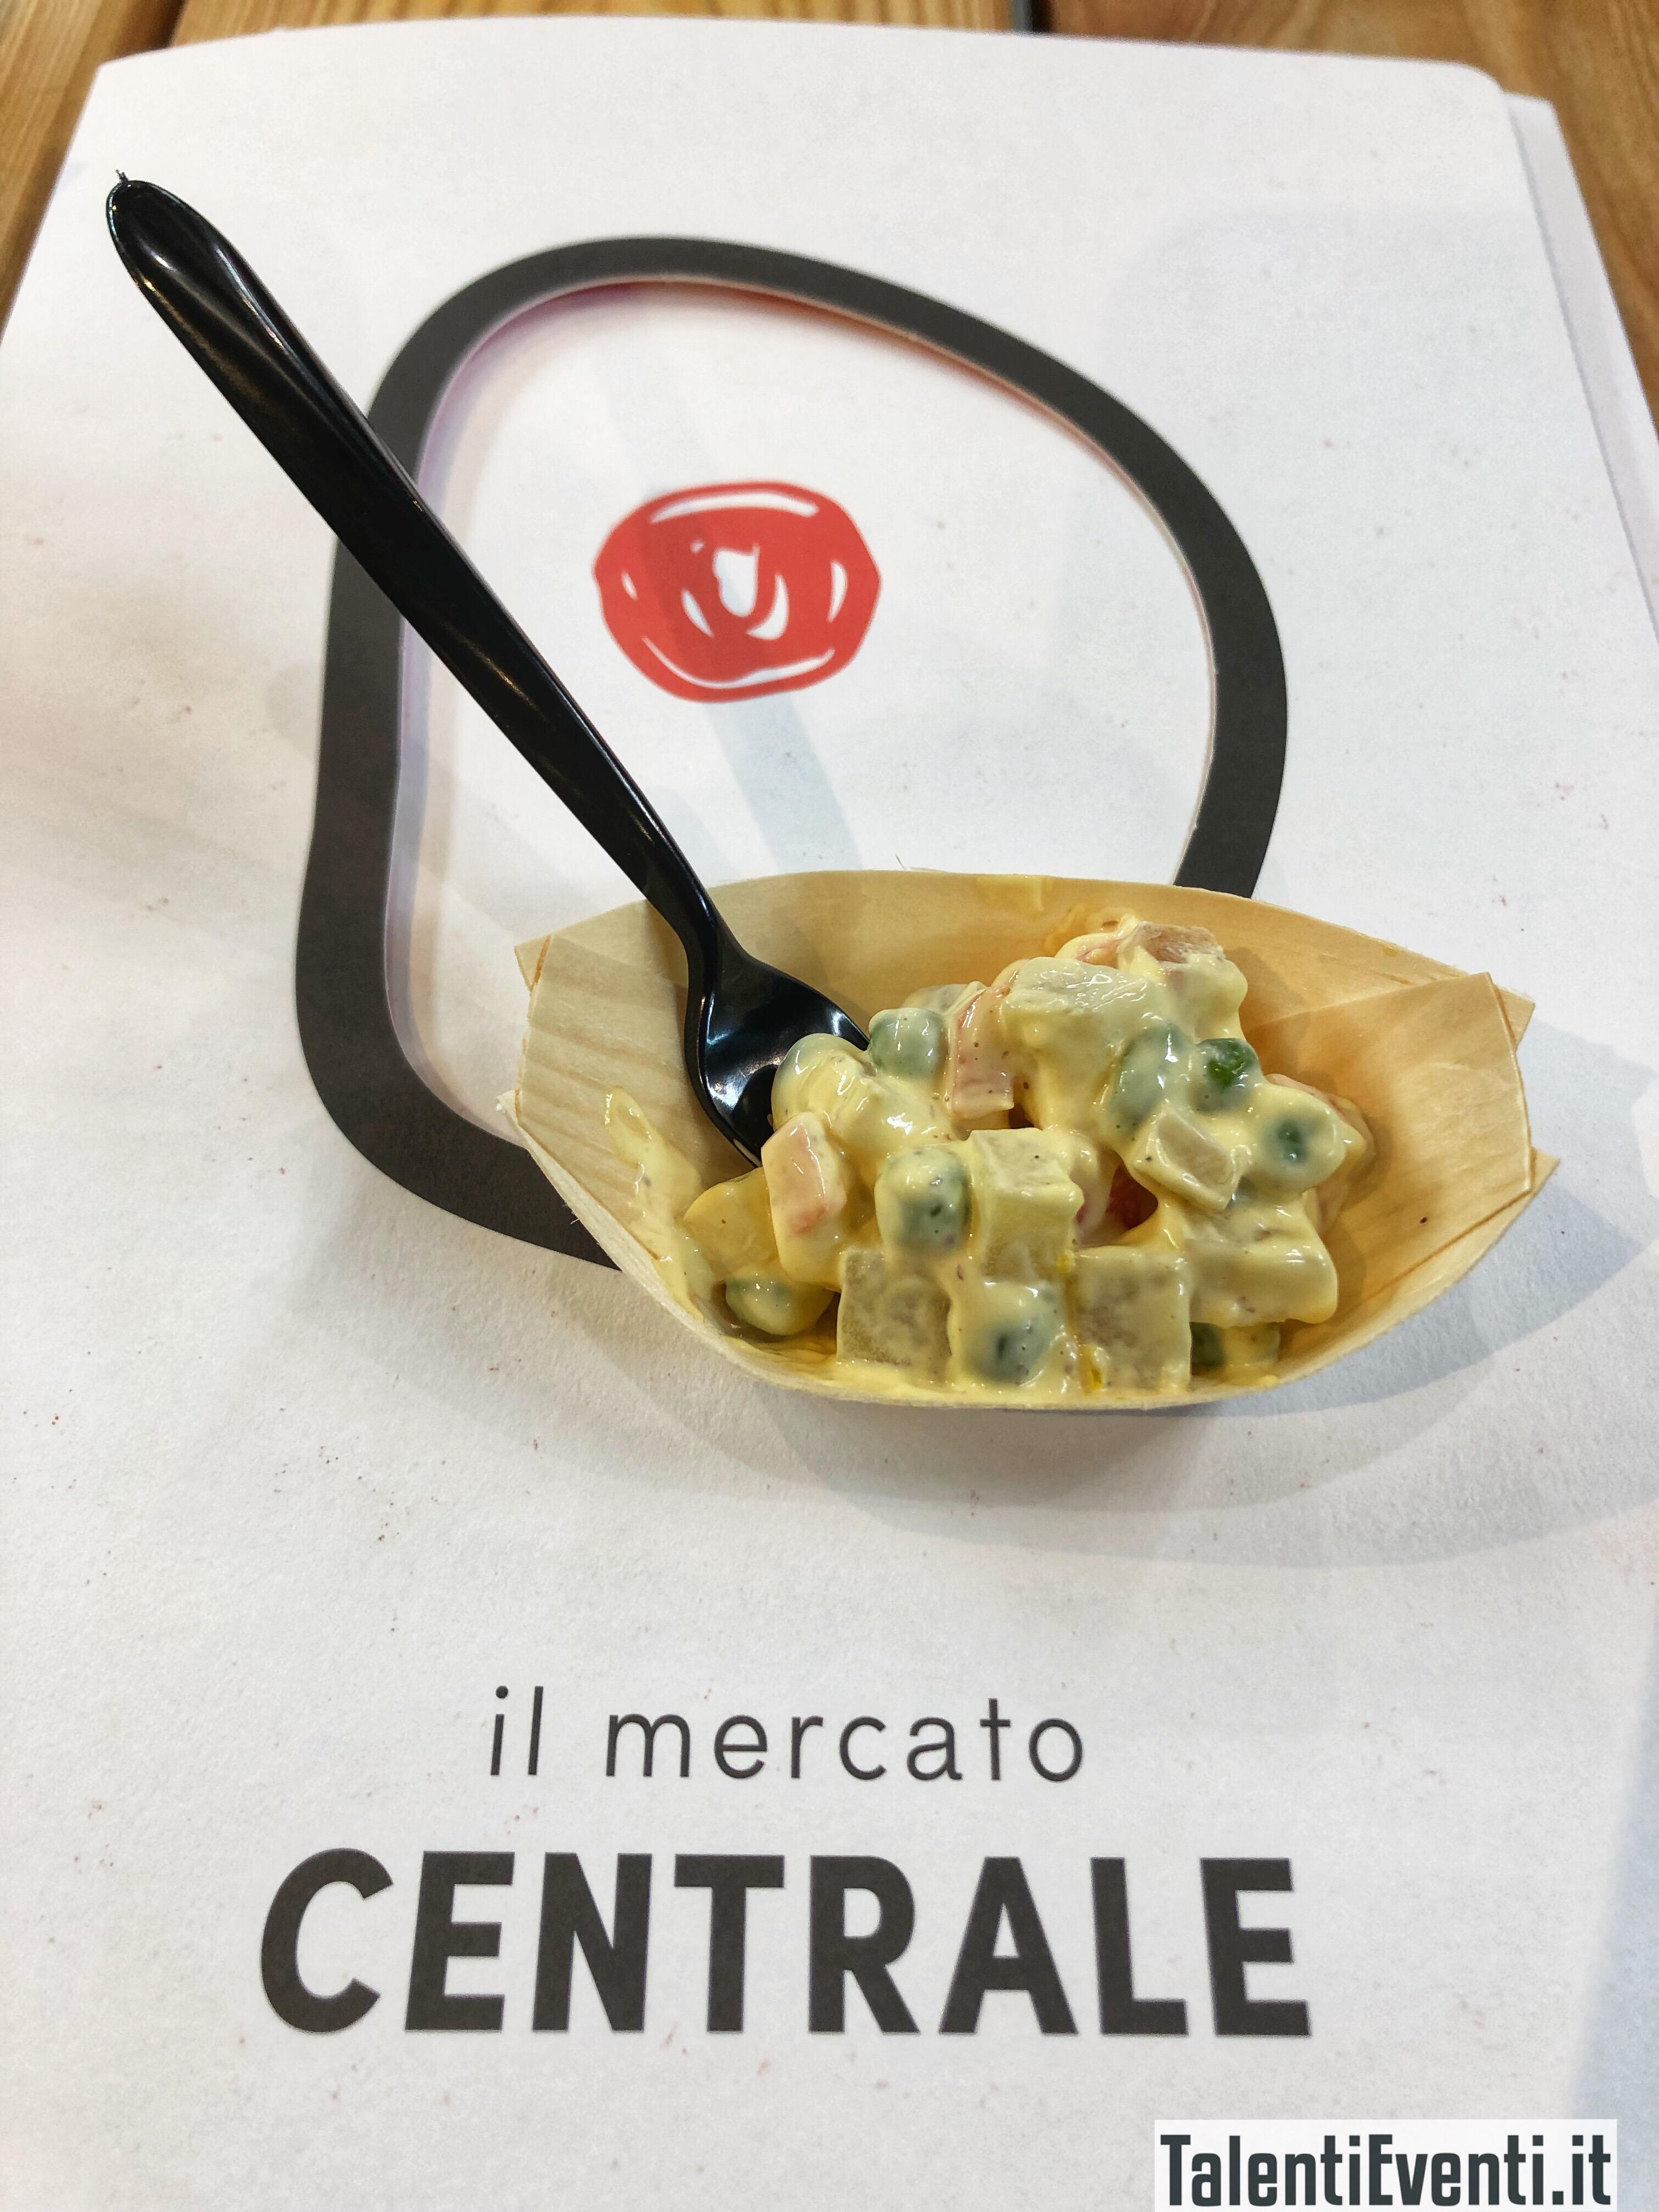 talenti_eventi_mercato_centrale_di_torino_umberto_montano_39